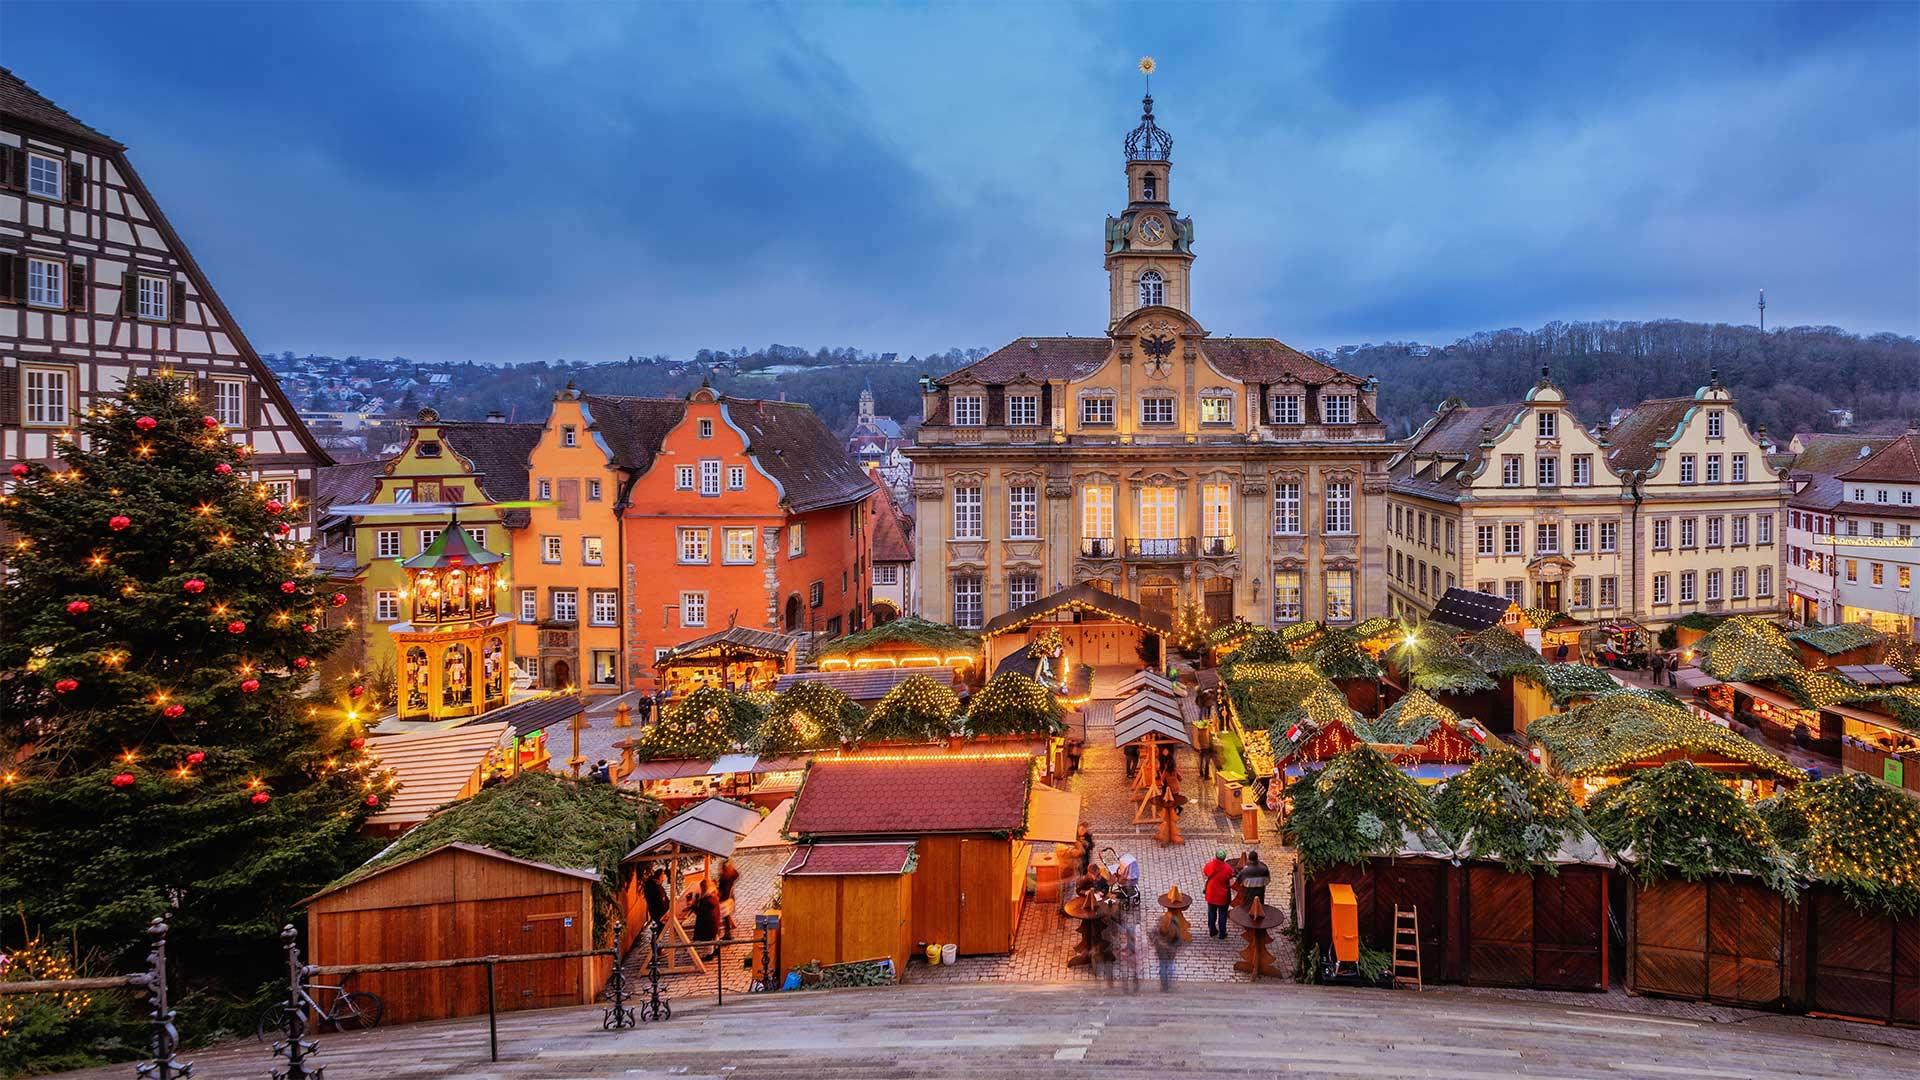 一年一度的施瓦本哈尔圣诞市集施瓦本哈尔圣诞市集